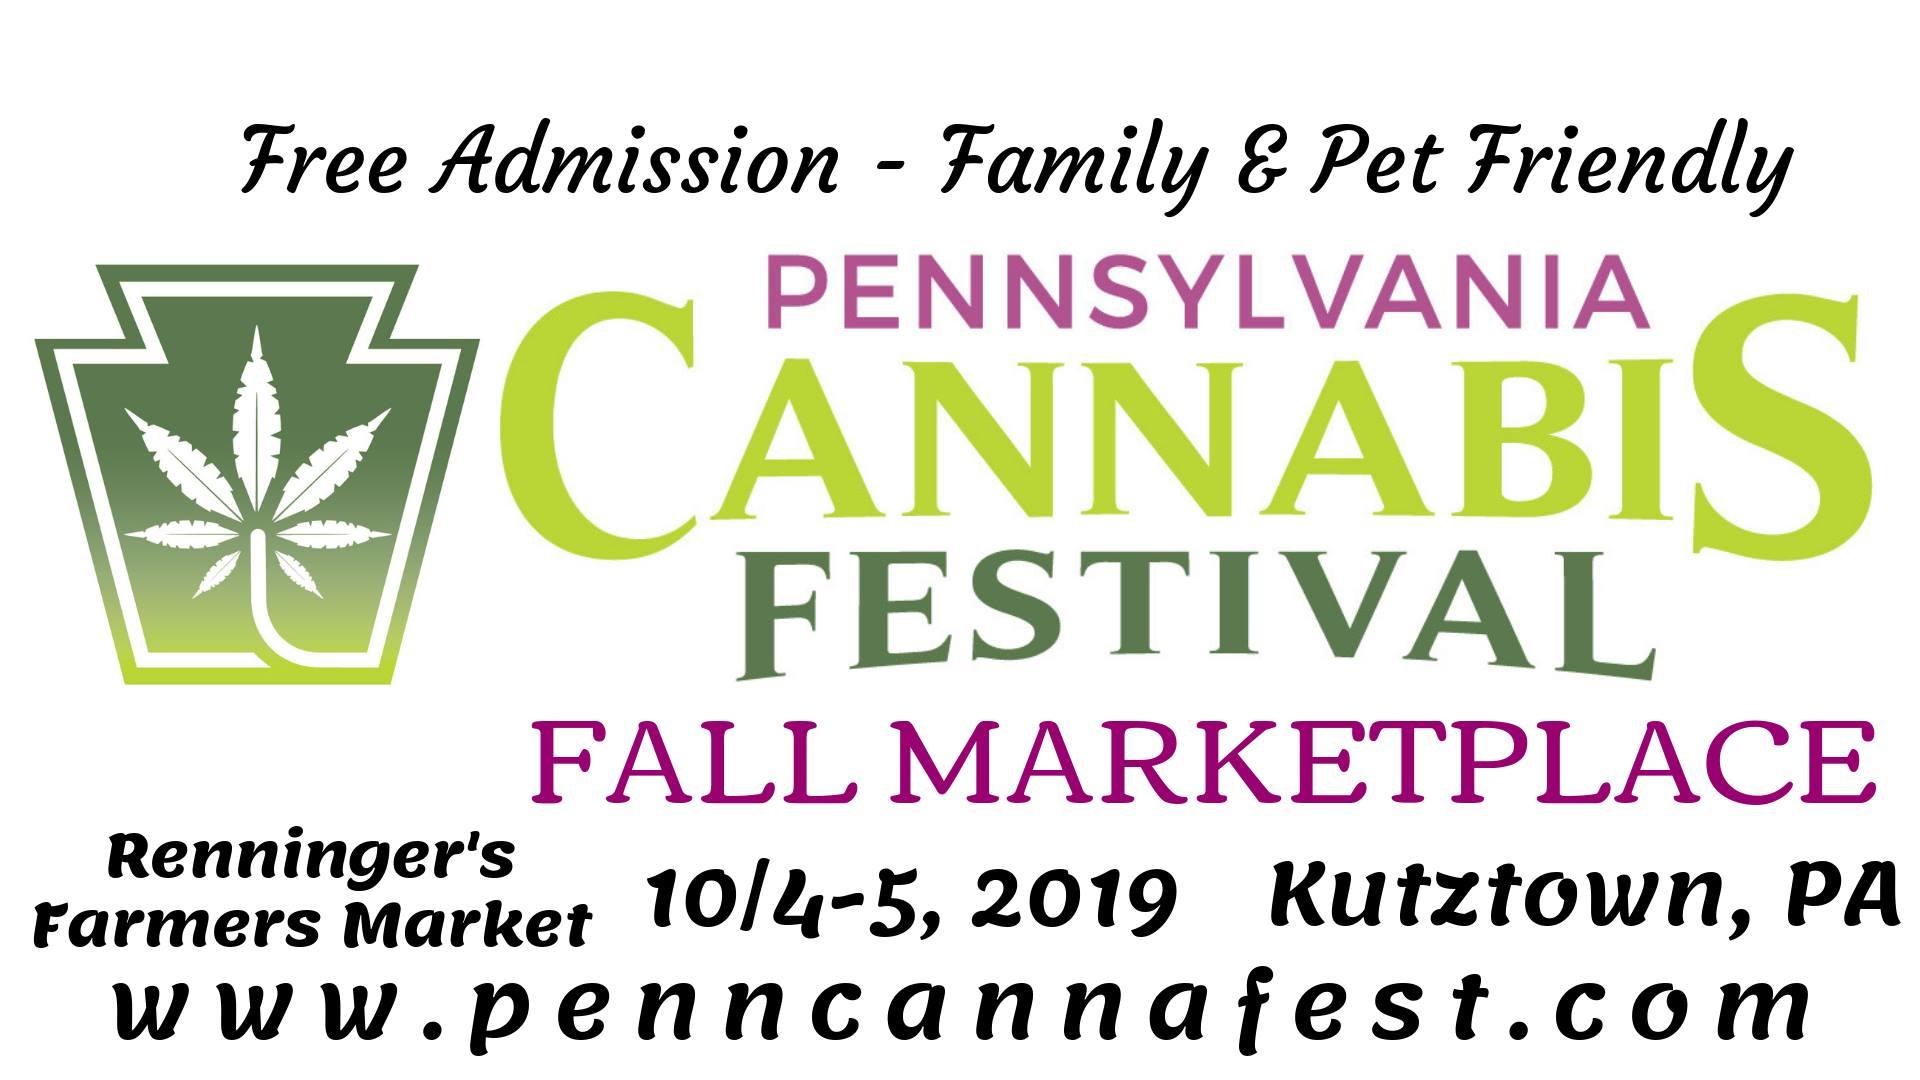 Pennsylvania Cannabis Festival